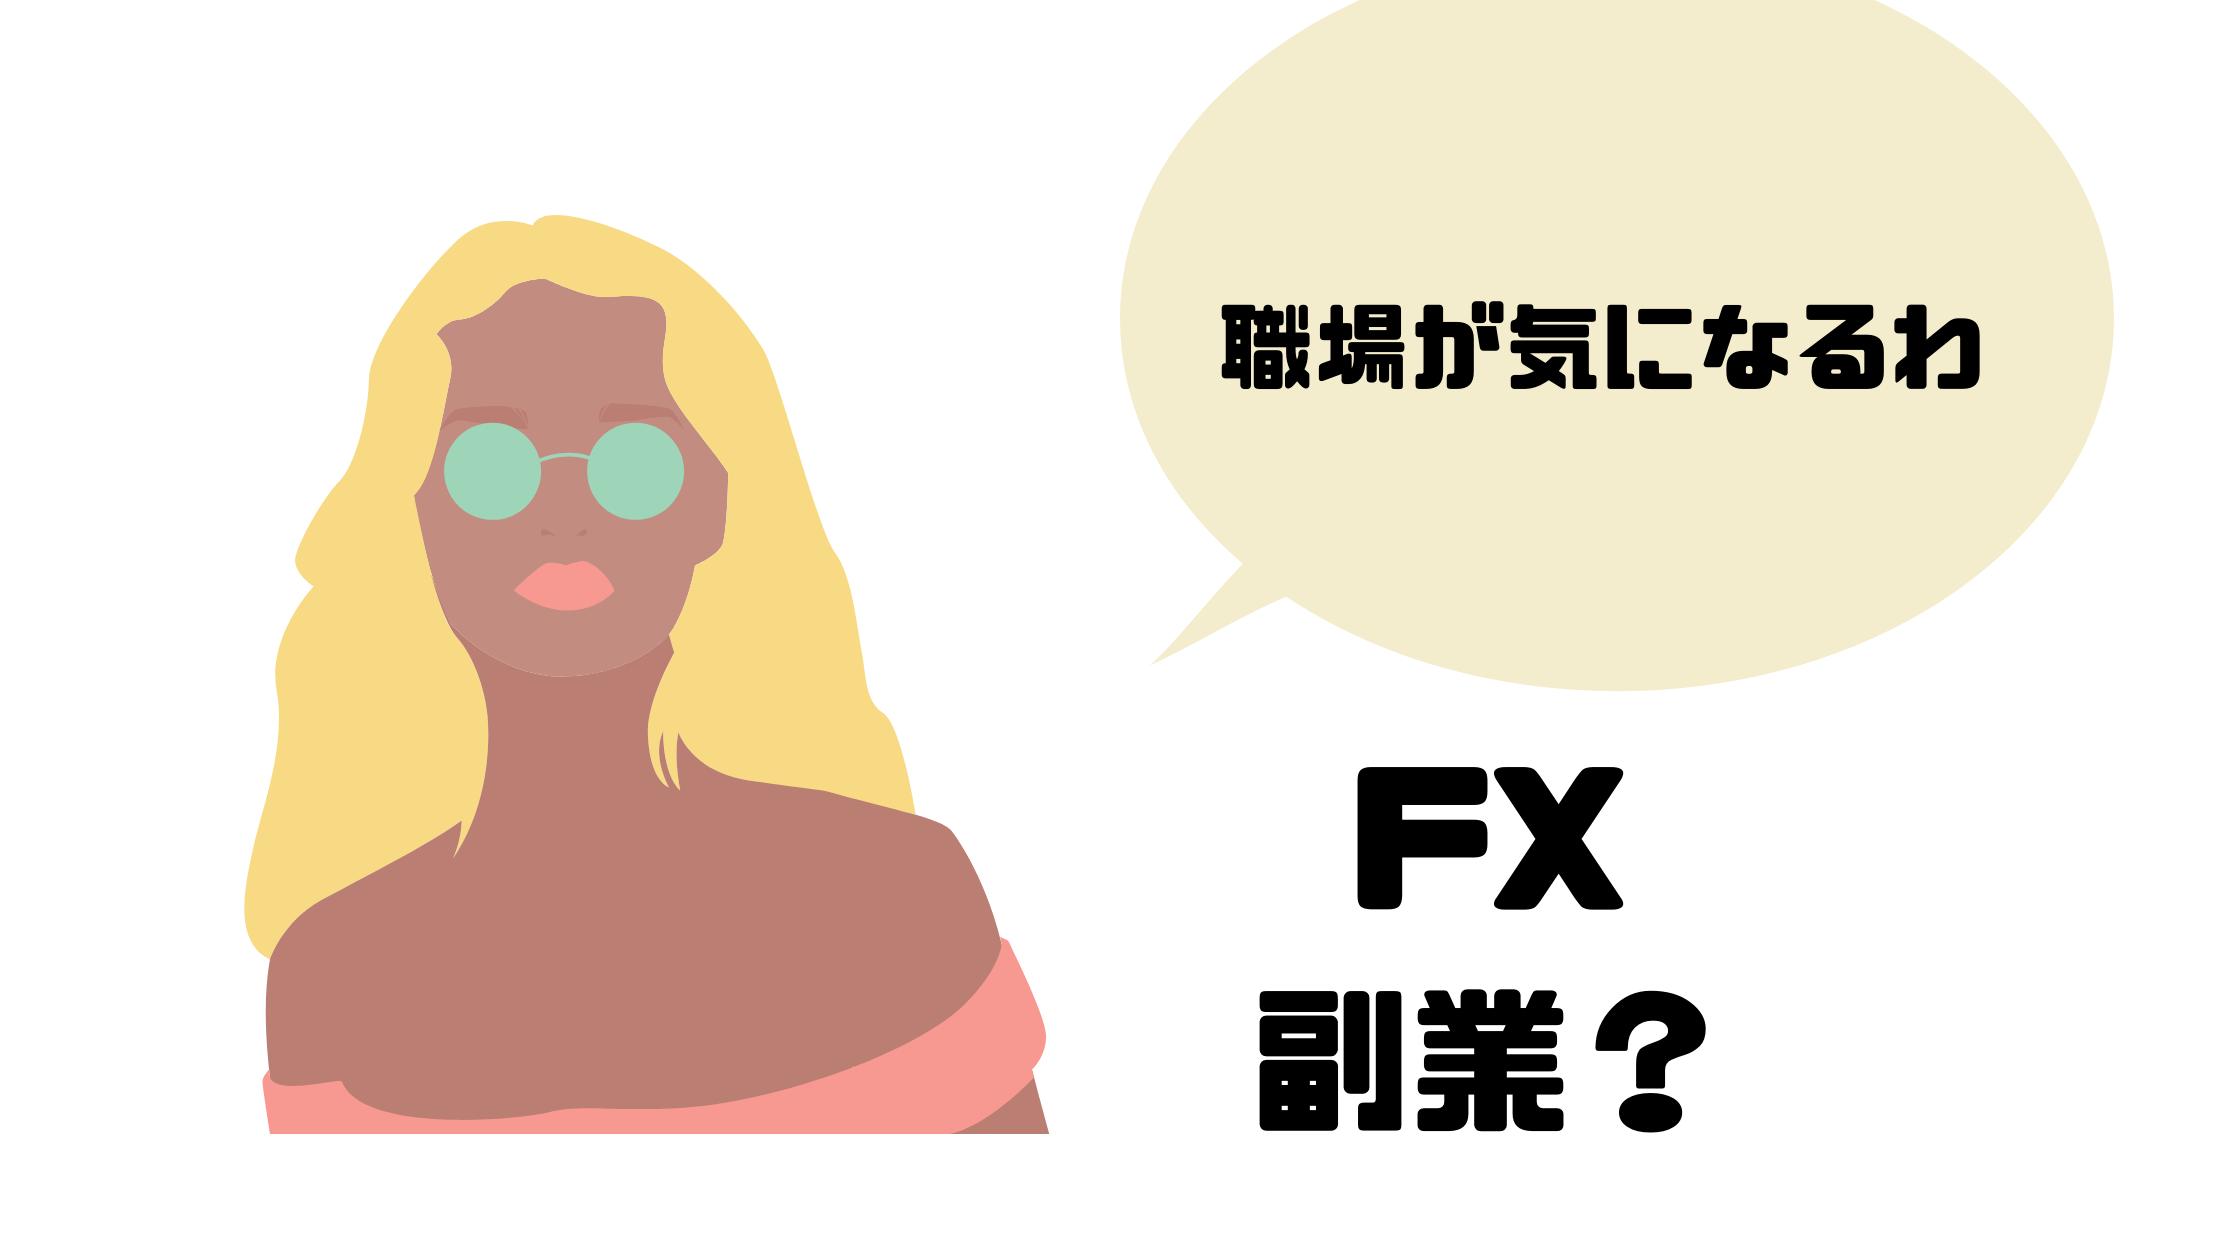 FX_副業_ならない